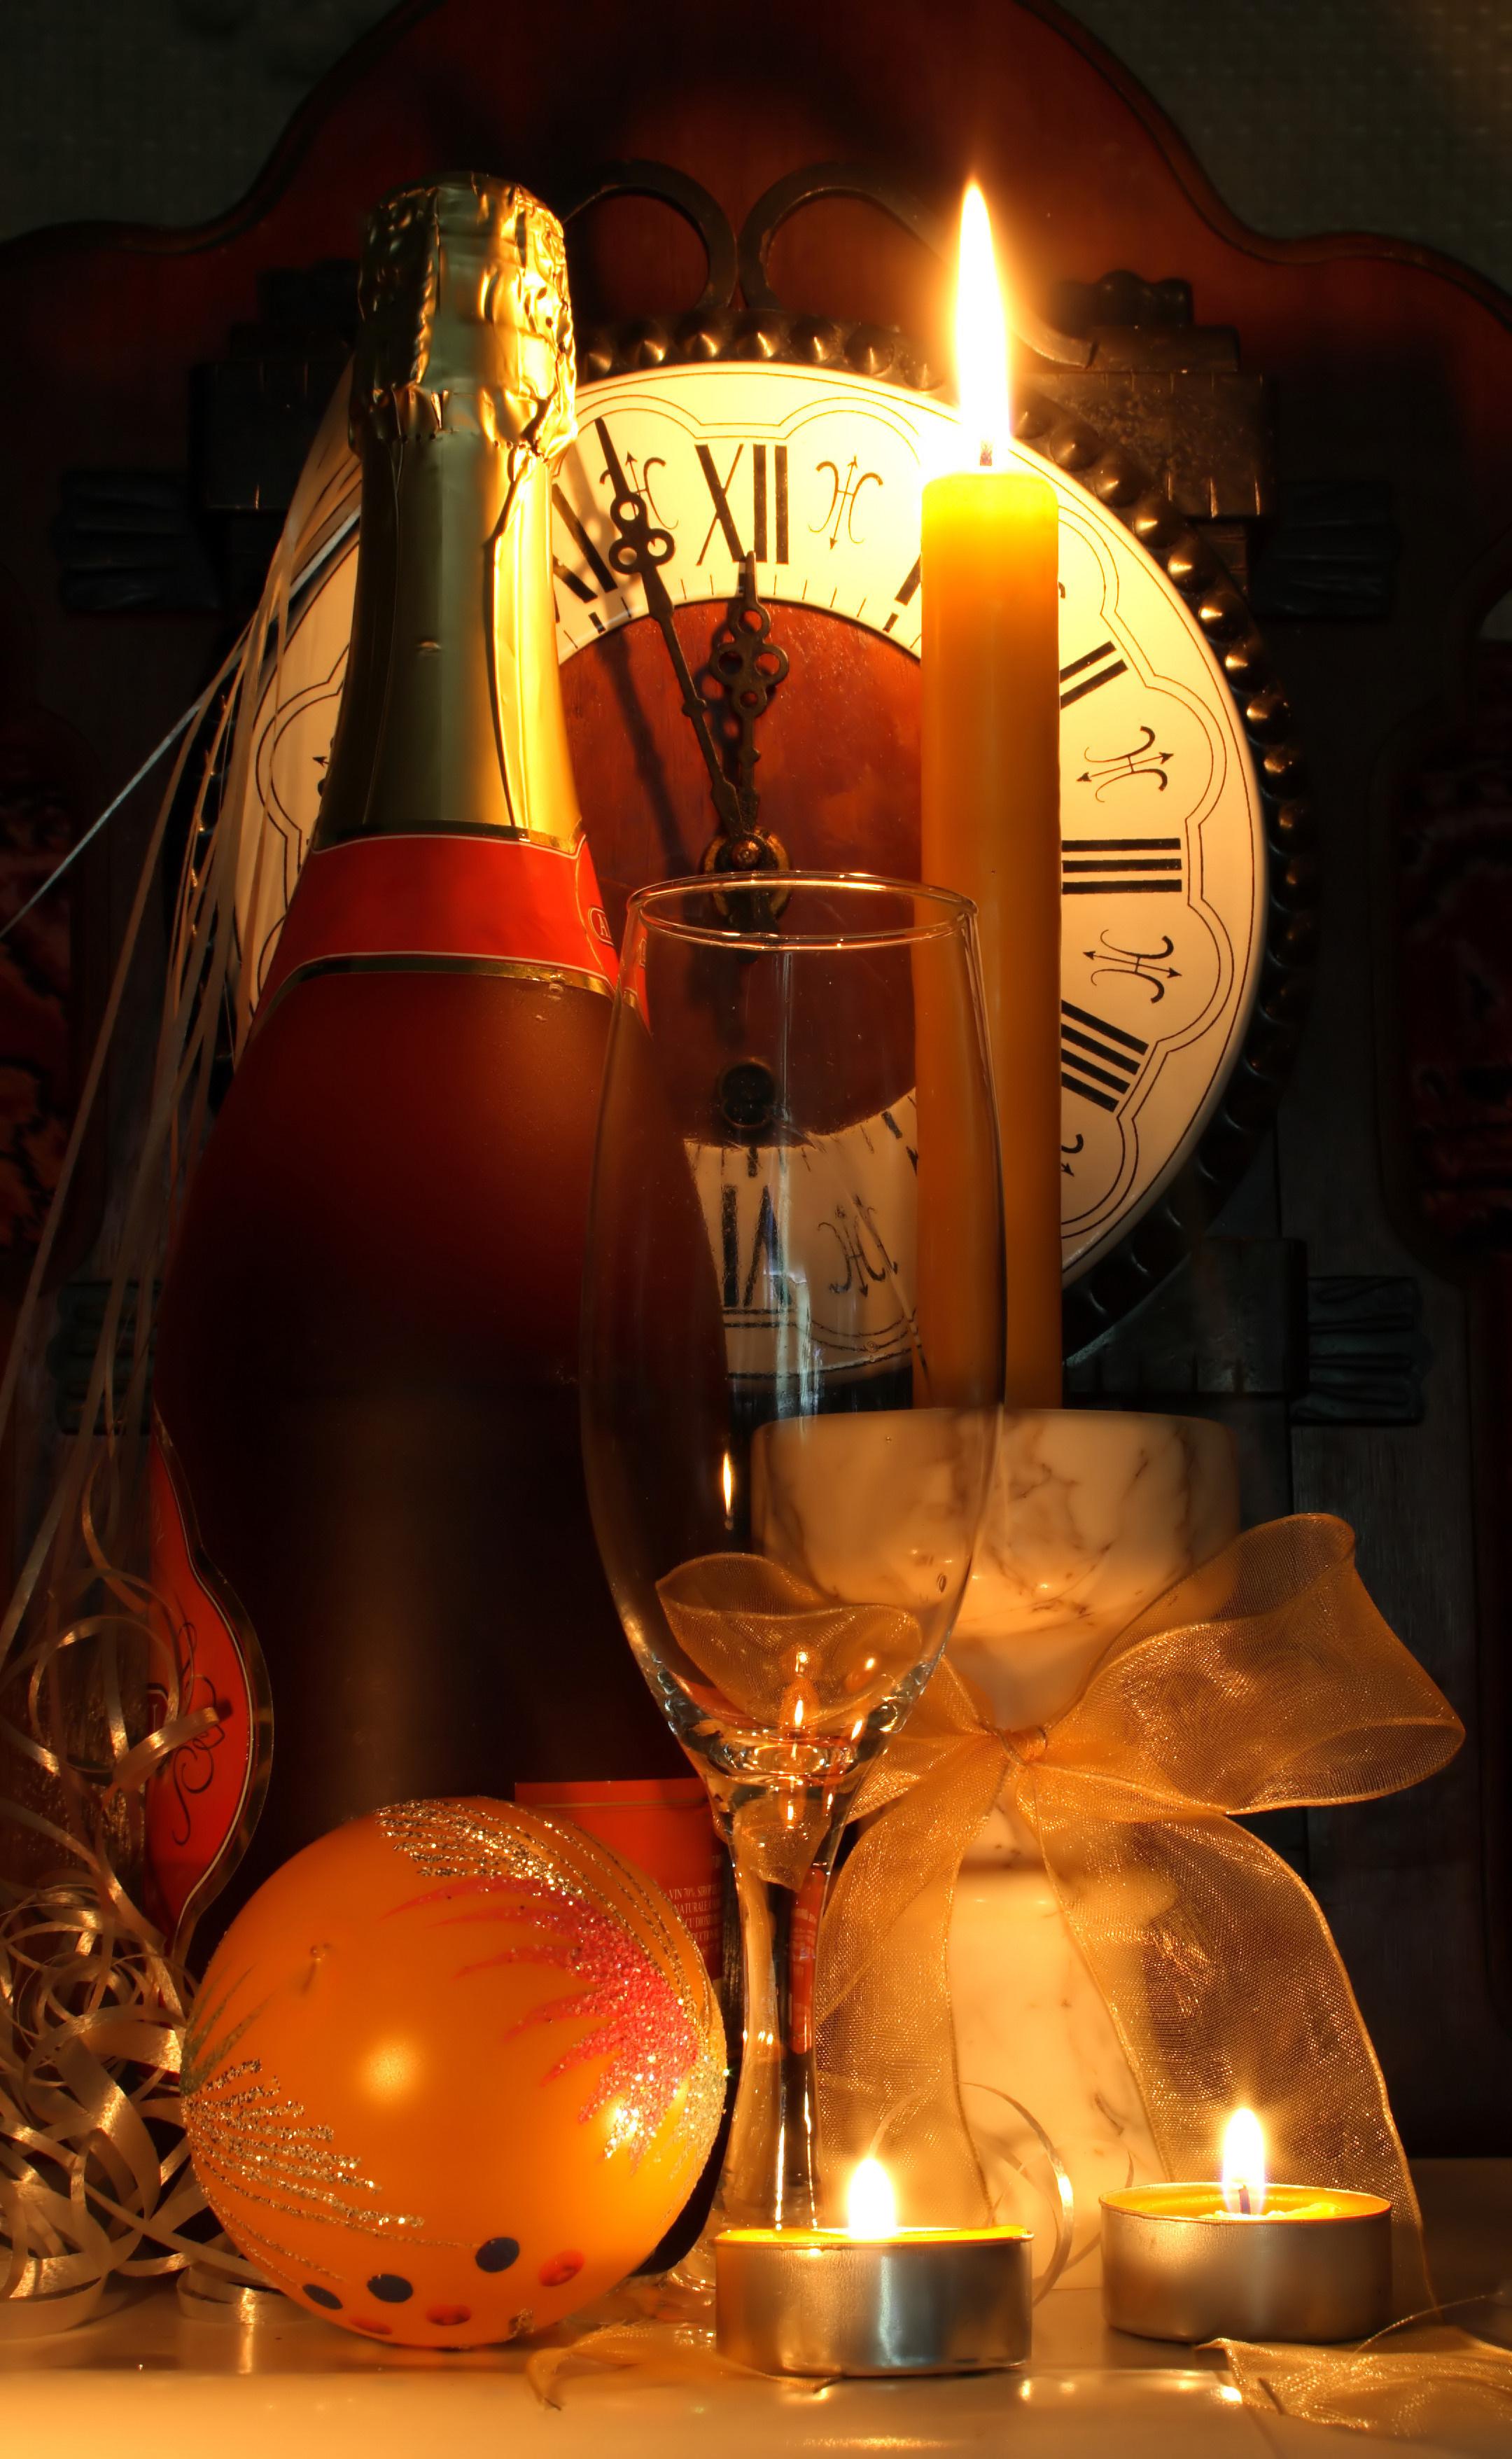 14041 скачать обои Праздники, Новый Год (New Year), Рождество (Christmas, Xmas), Свечи, Напитки - заставки и картинки бесплатно